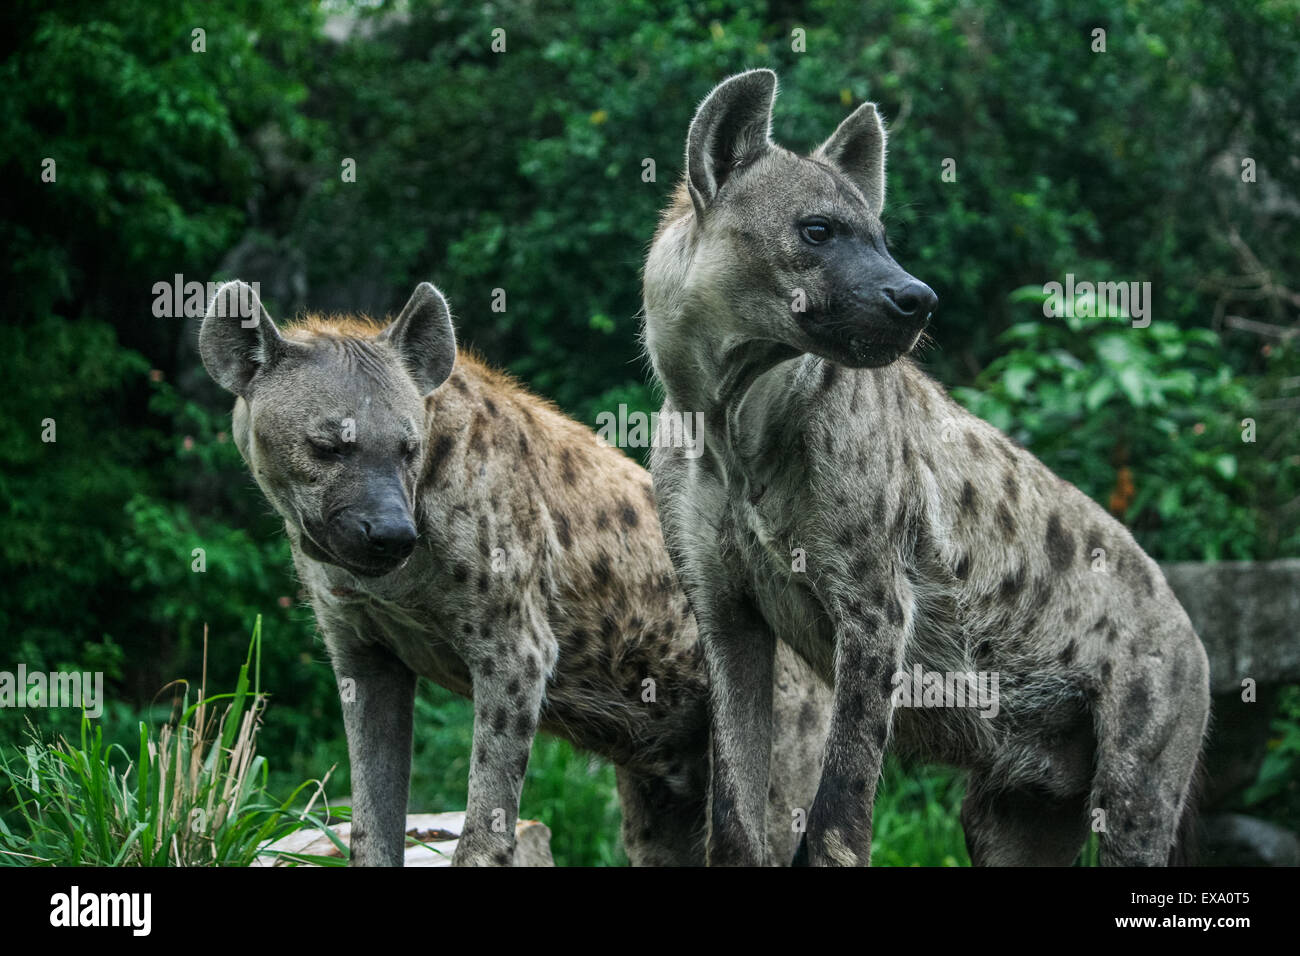 Two Hyena Stock Photo